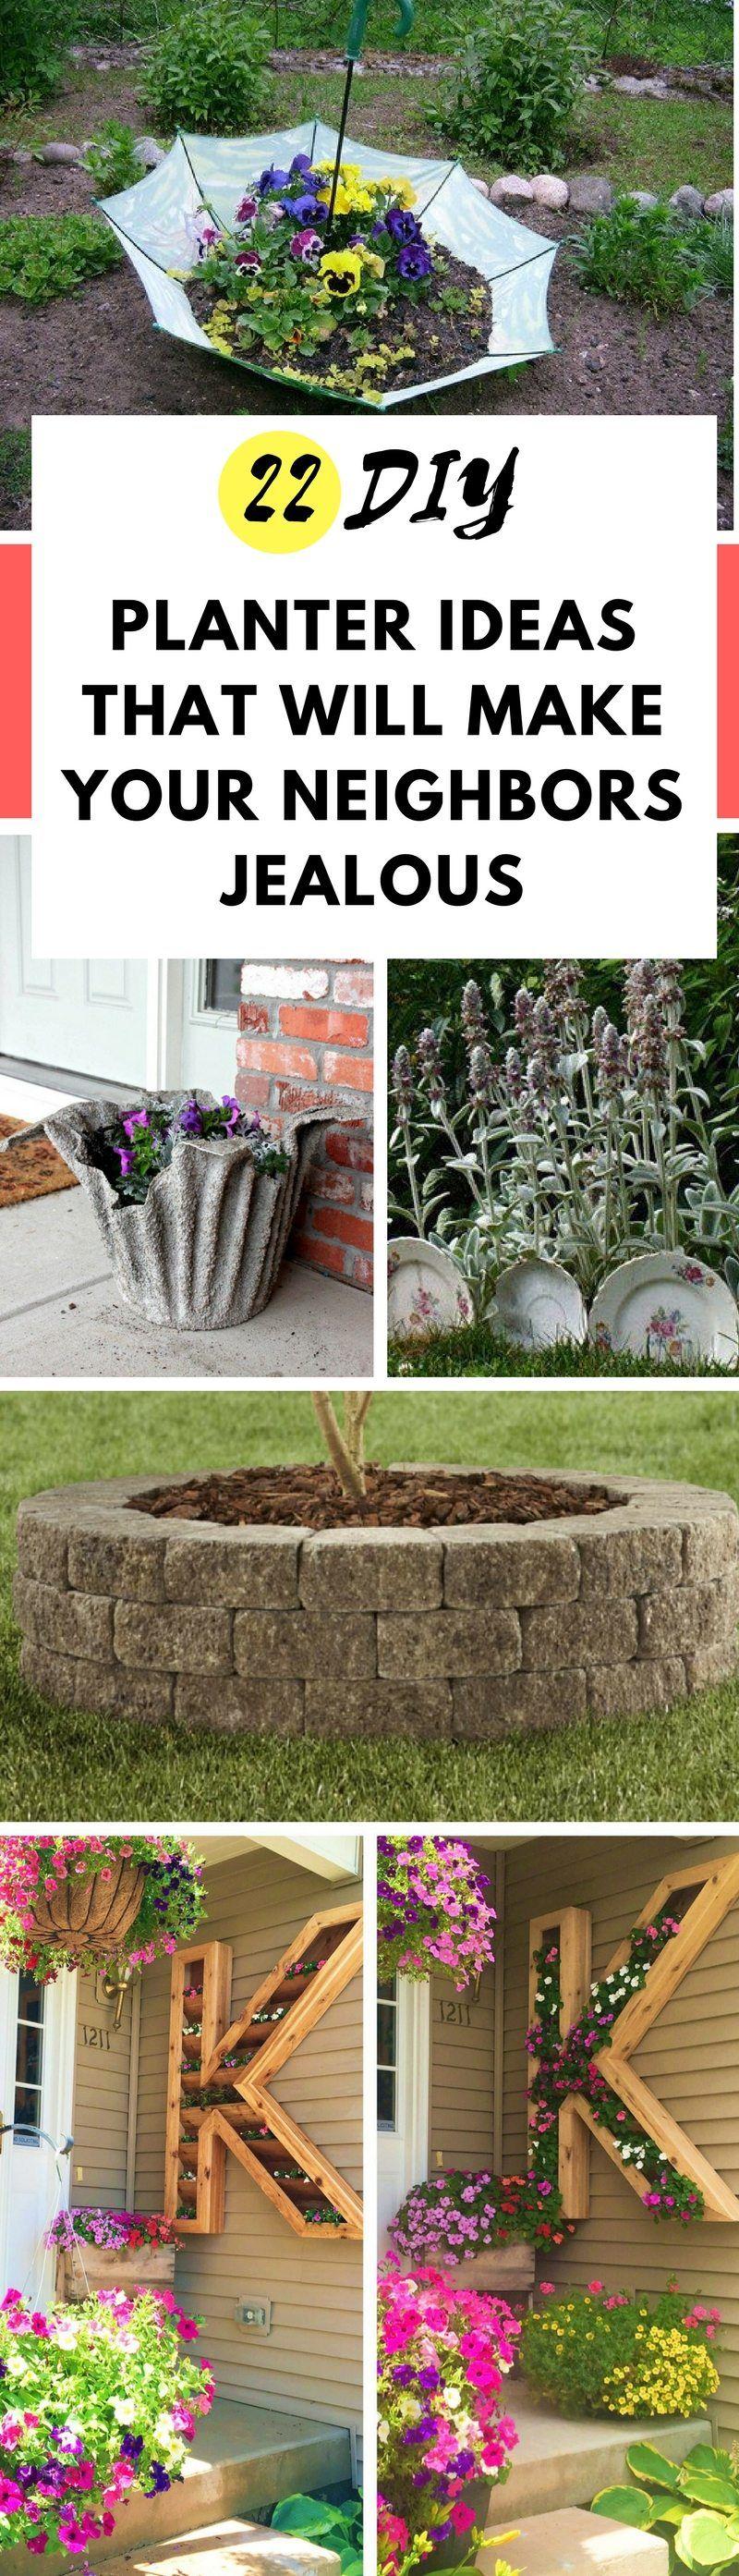 22 Incredible DIY Garden Bed And Planter